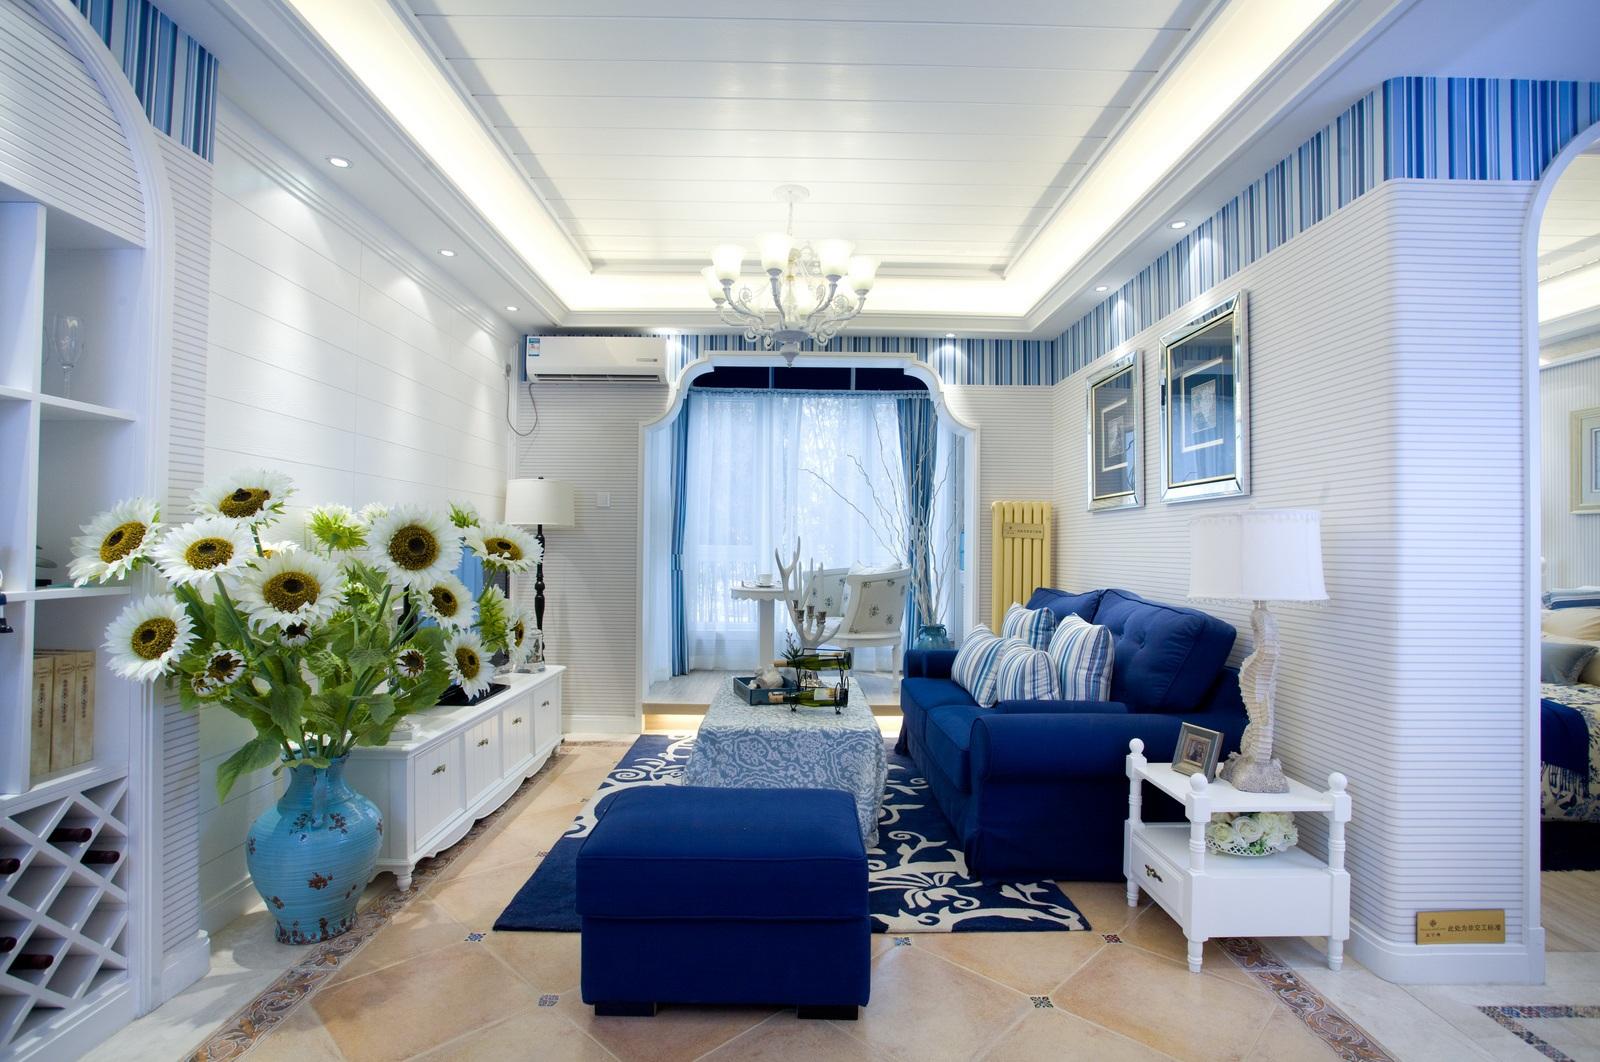 客厅、书房放在同一空间,这样在视觉上比较宽敞